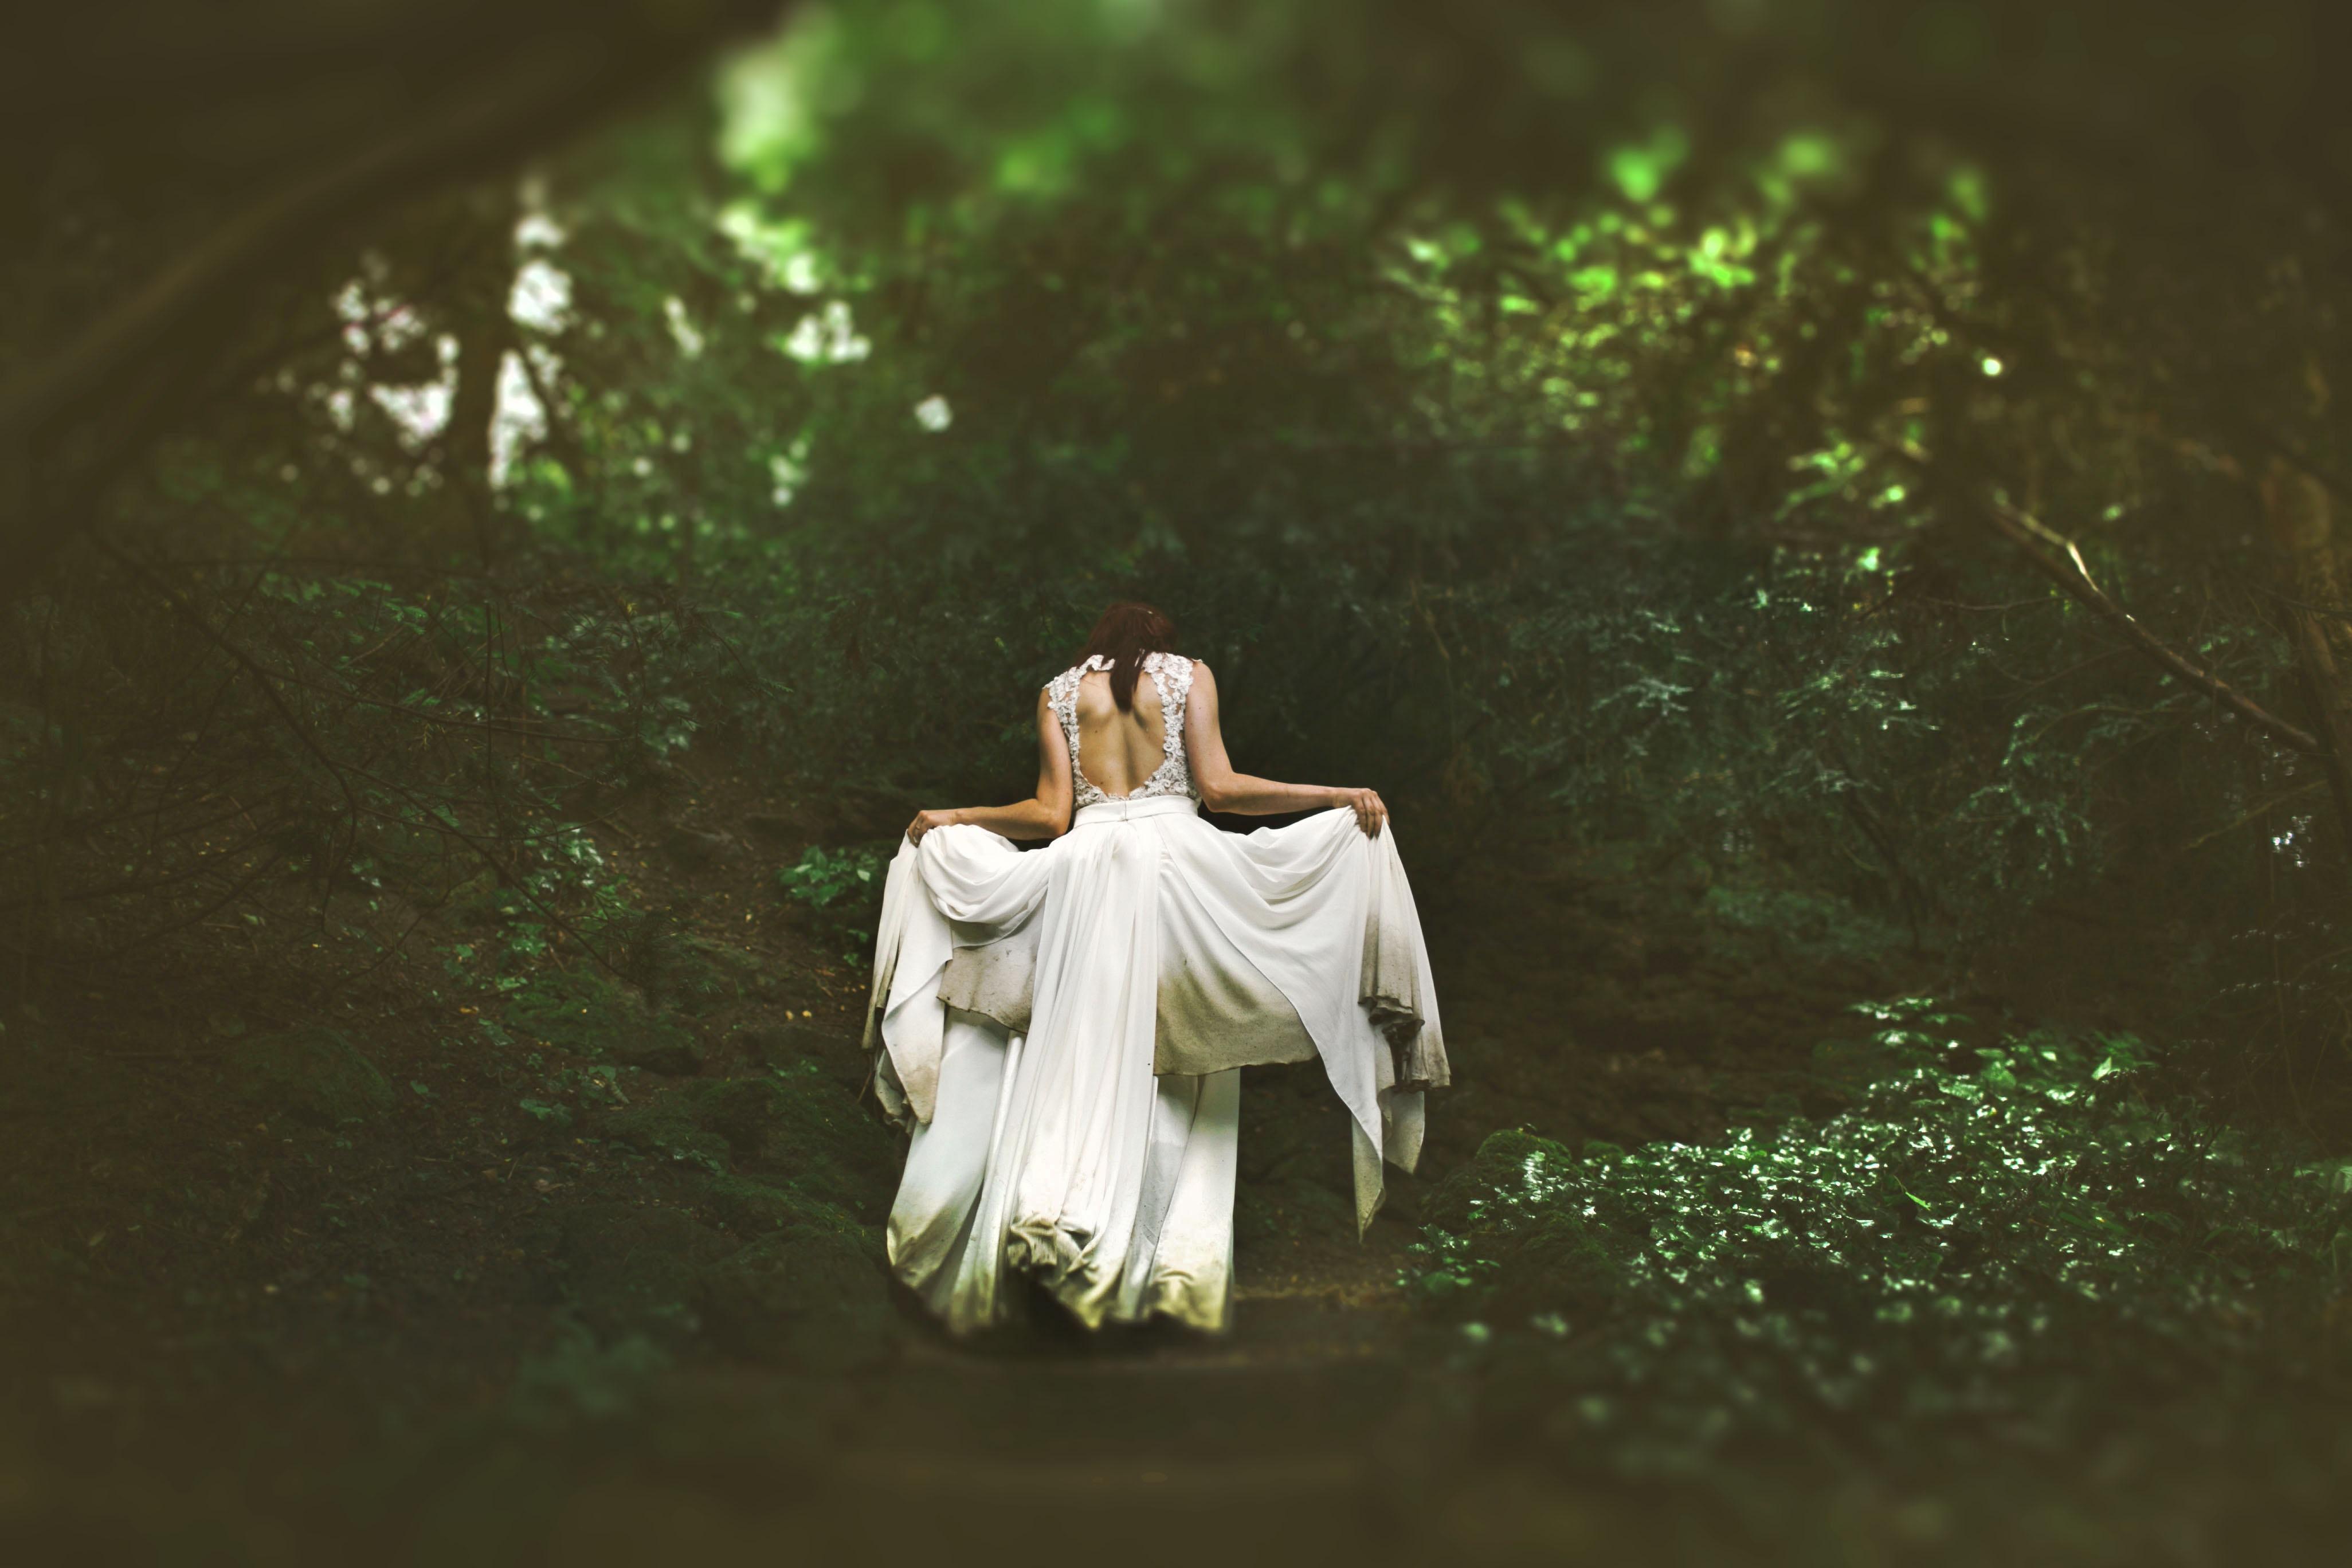 προσευχές για γνωριμίες σε ζευγάρια στο διαδίκτυο